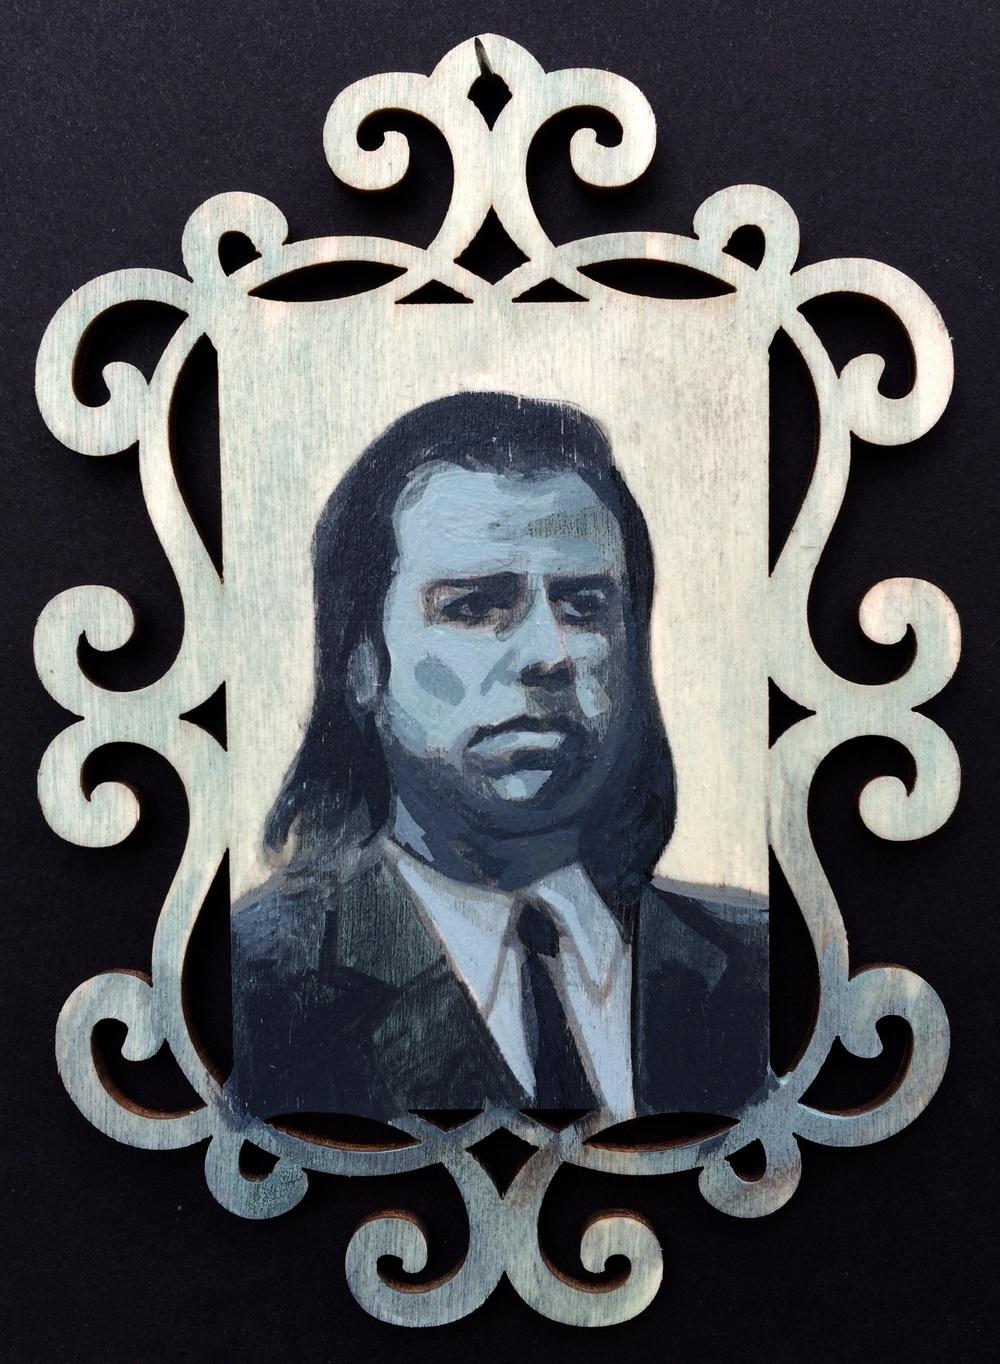 Vincent Vega